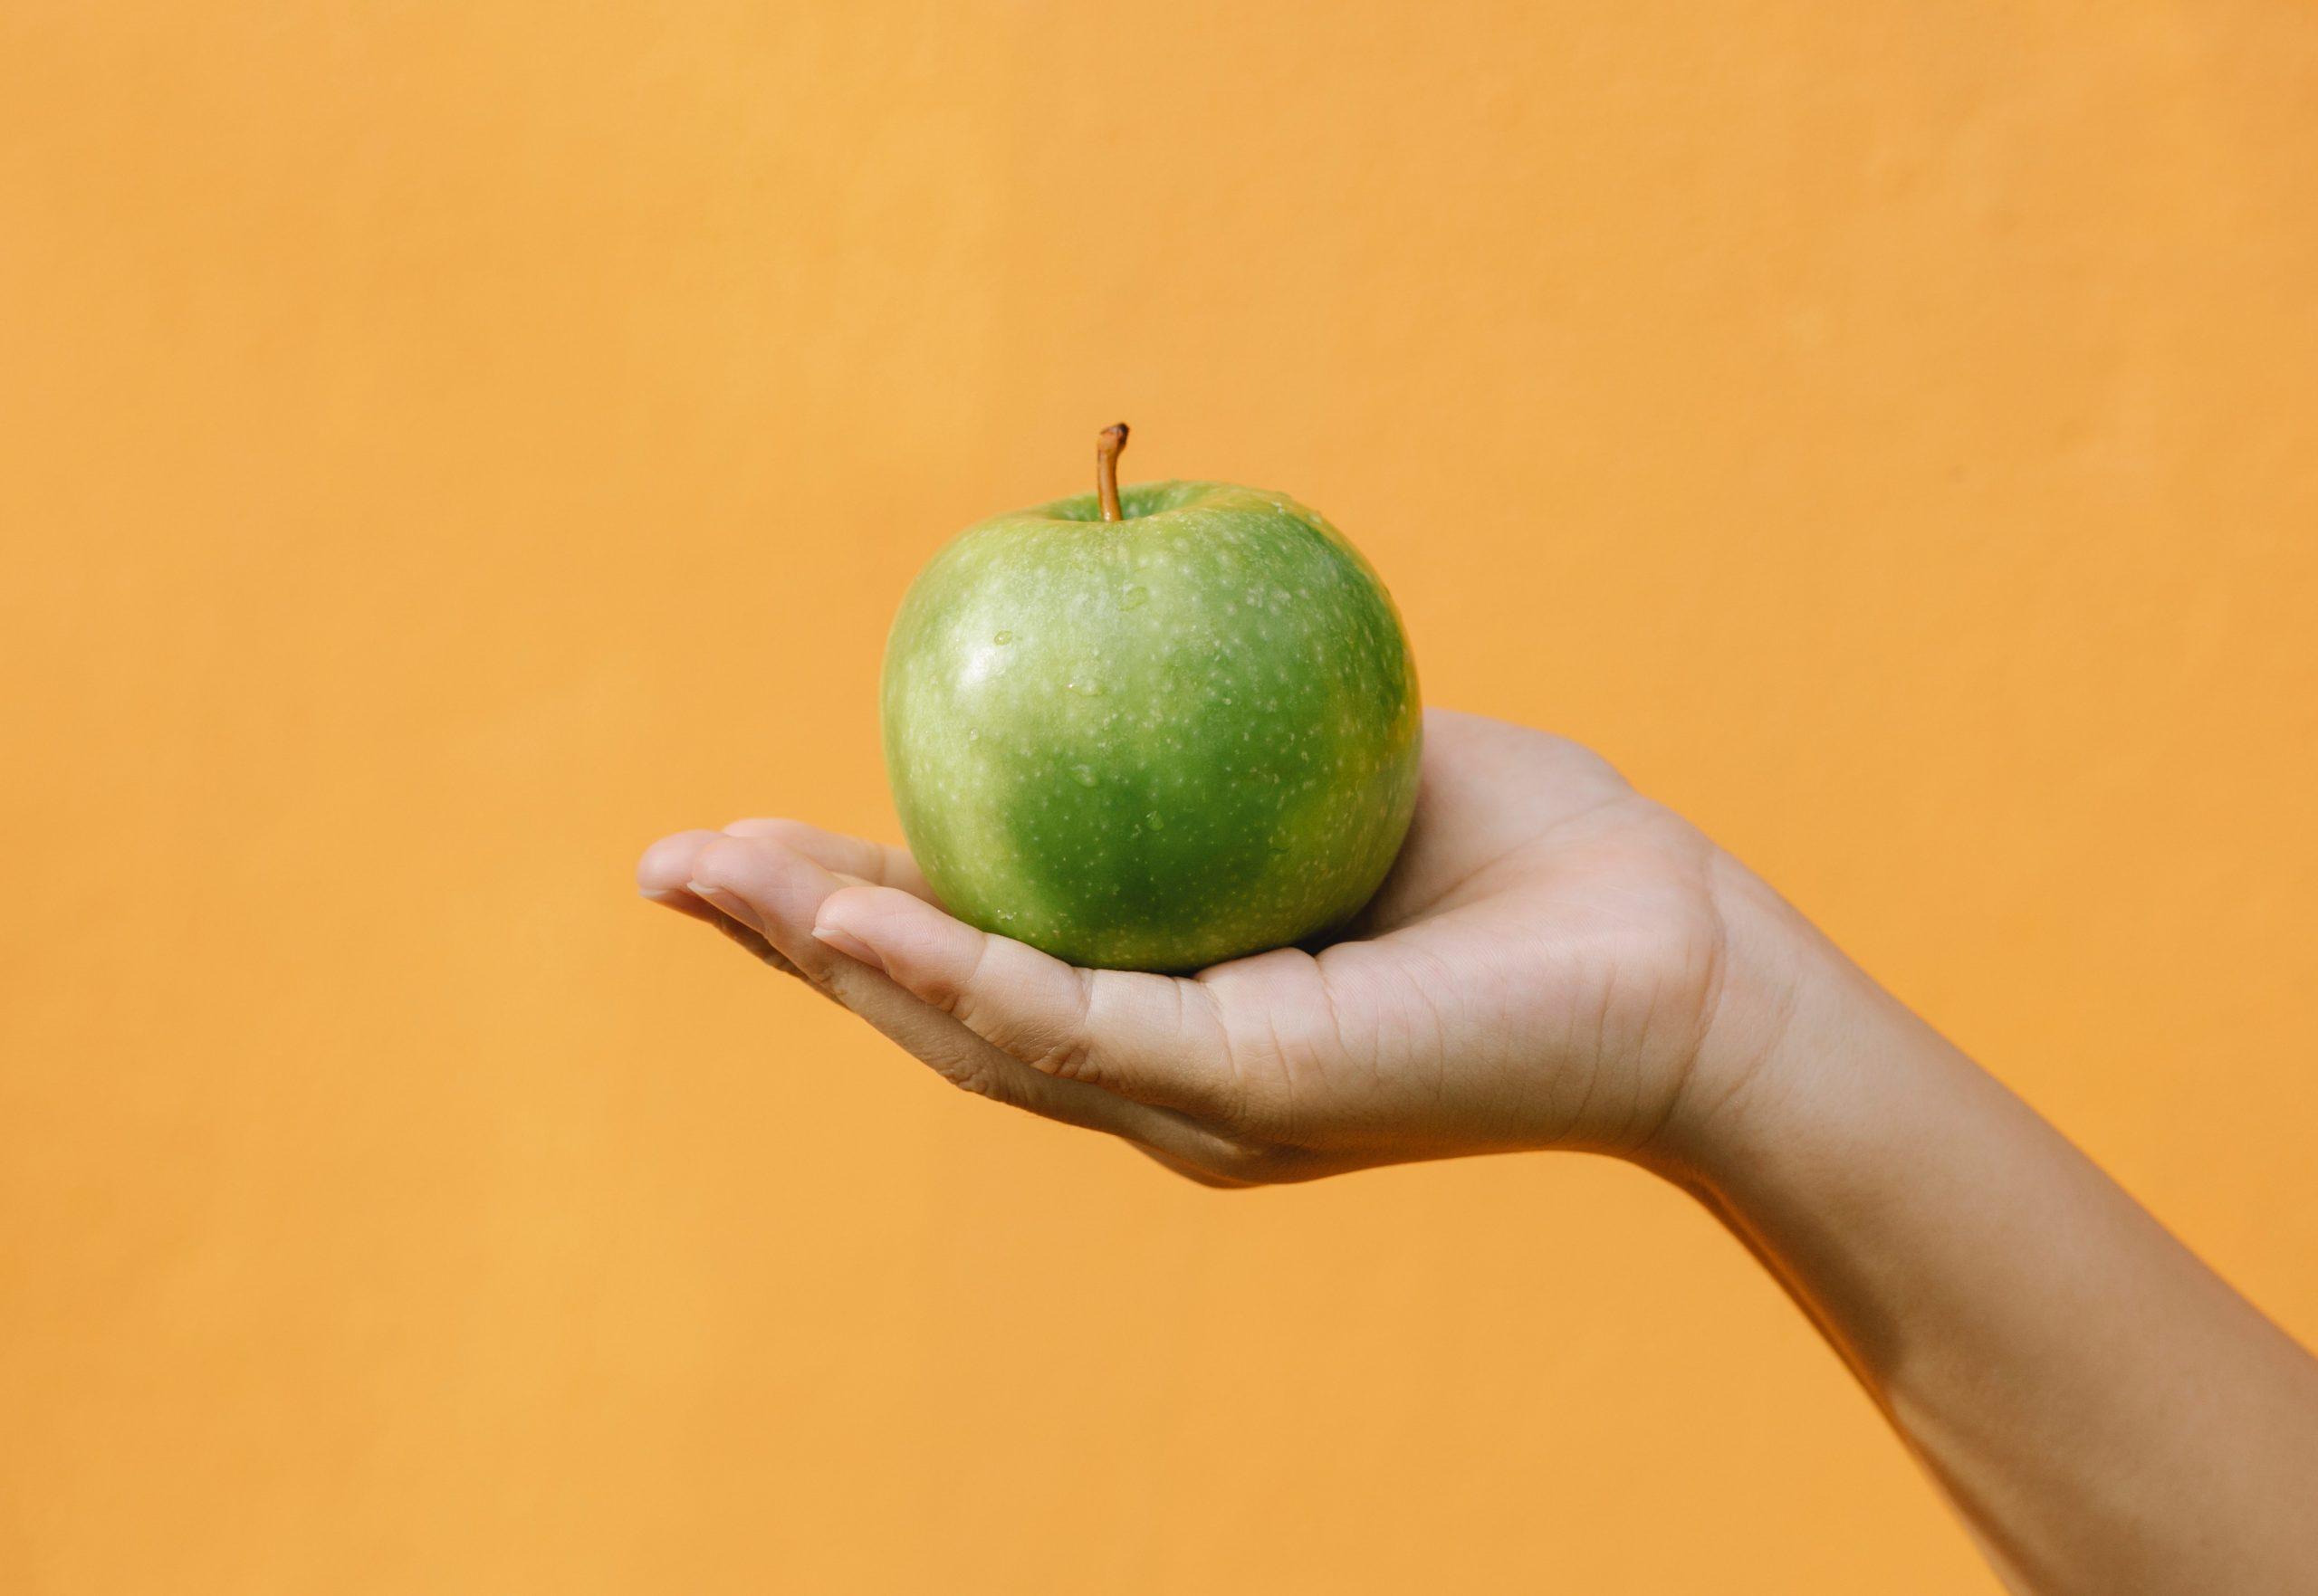 Fogynál? Almával biztosan sikerül! 5 nap alatt 3 kiló!